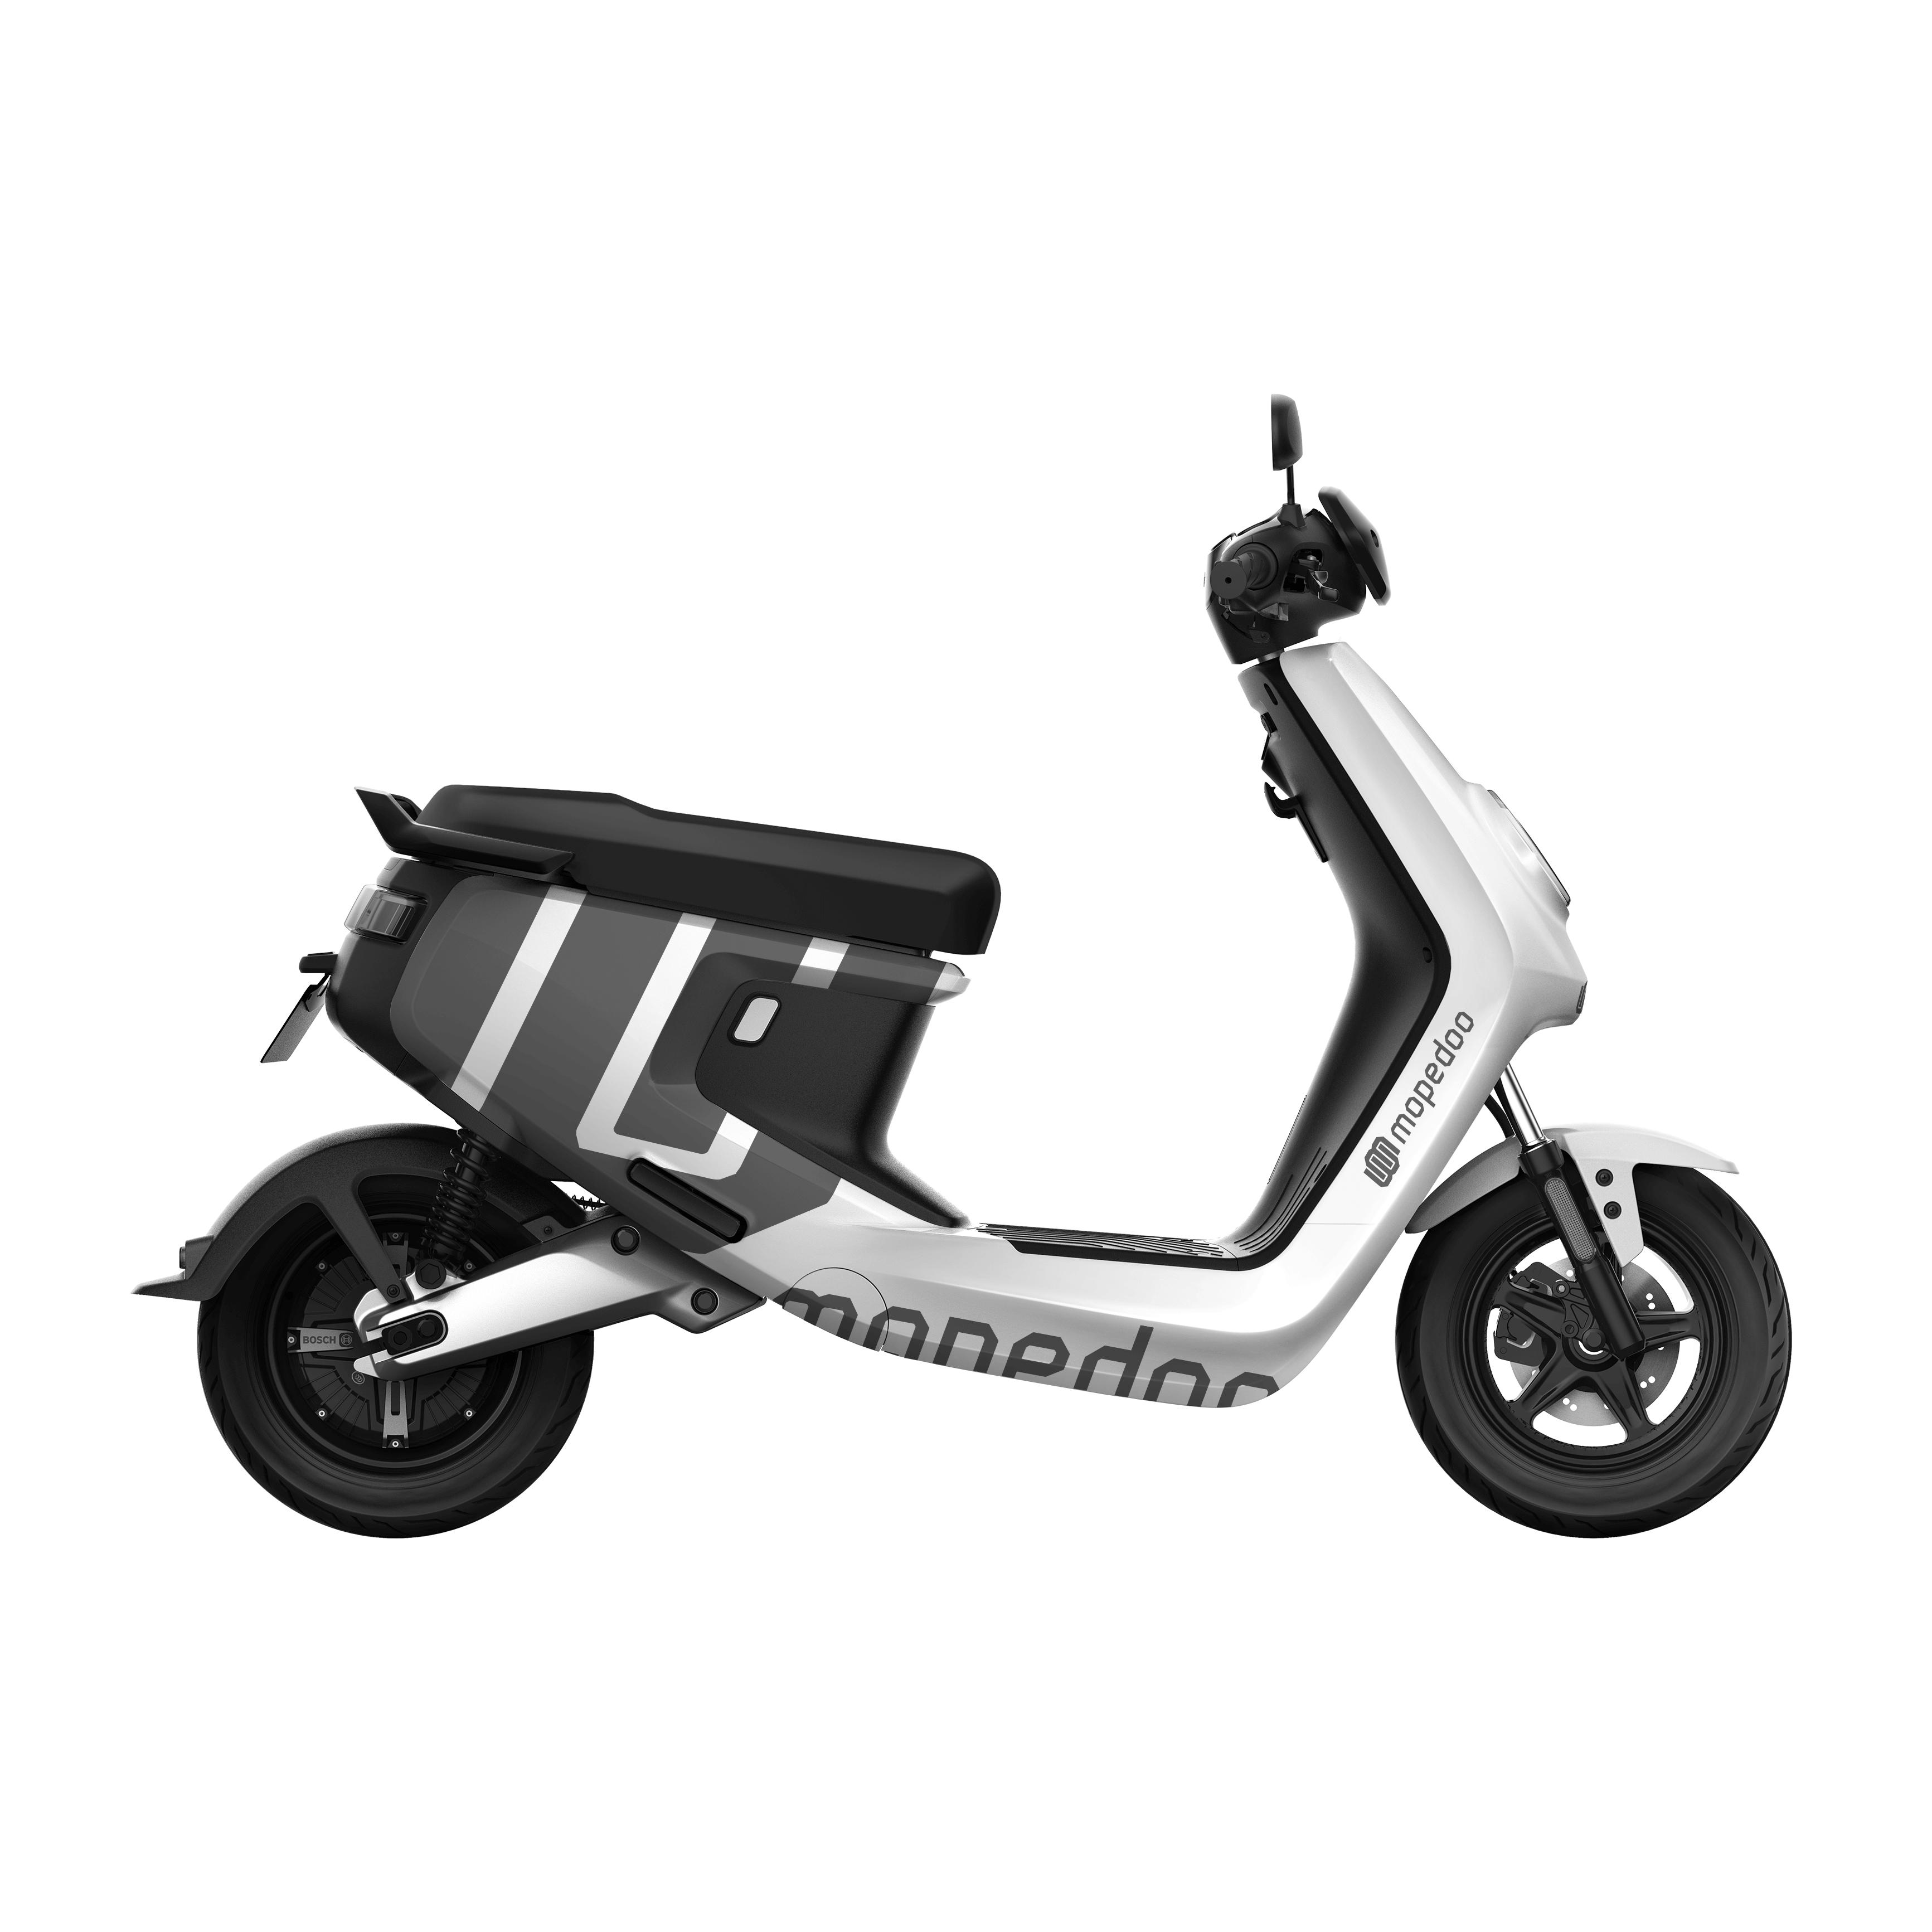 Mopedoo – visual identity